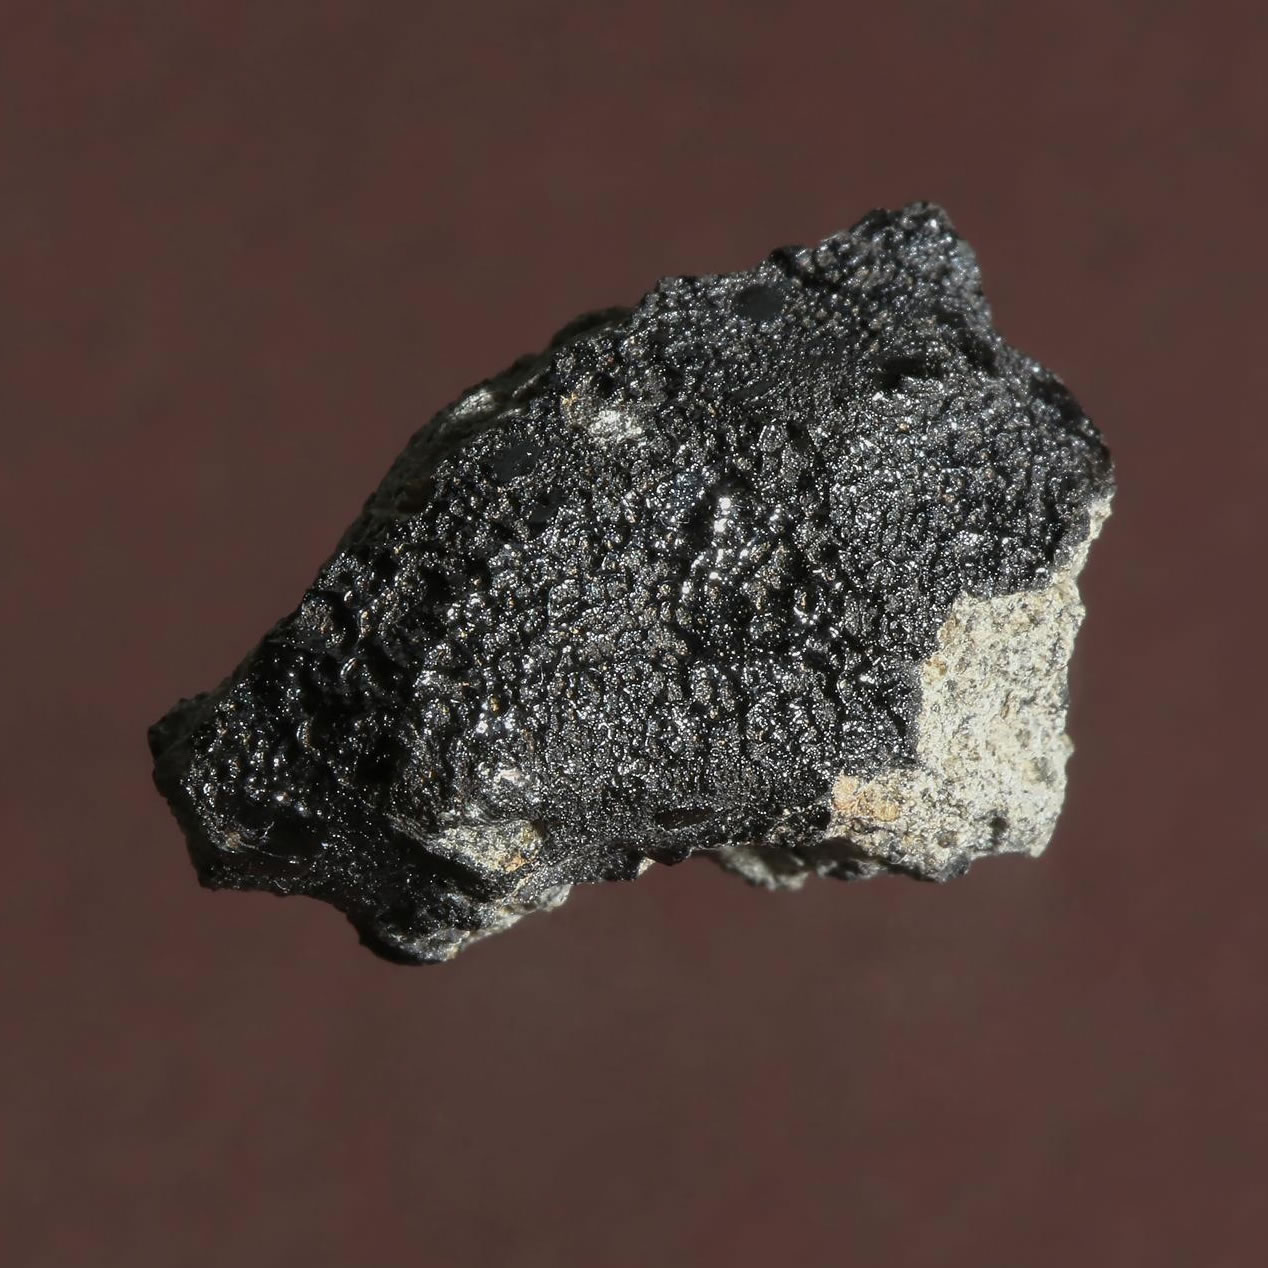 摩洛哥陨石中发现碳成分,火星上或曾经存在生命